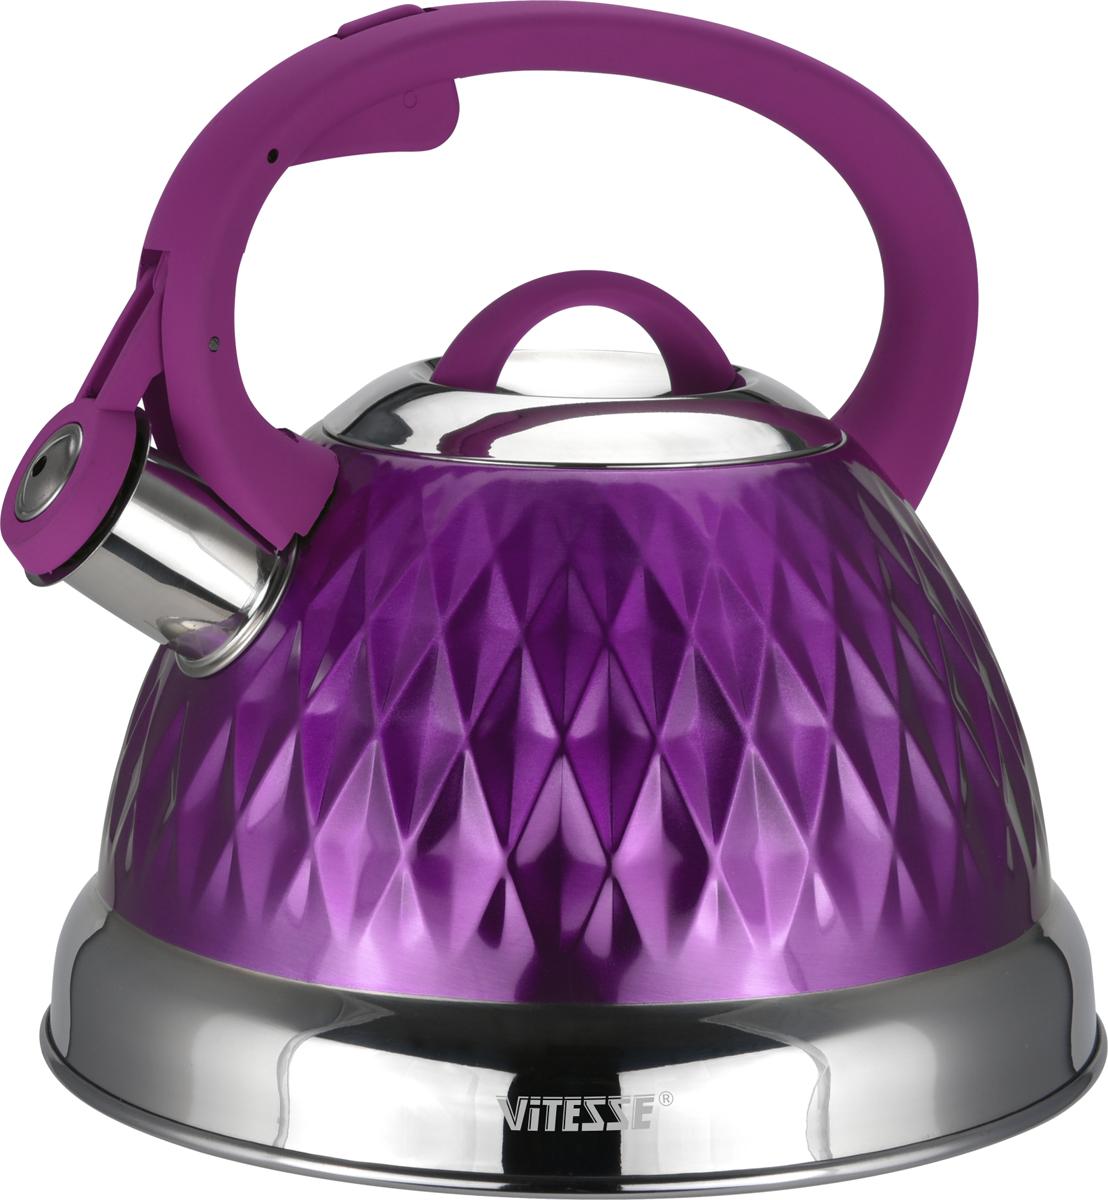 Чайник Vitesse, со свистком, цвет: сиреневый, 2,6 лVS-1122 Сирен.Чайник Vitesse изготовлен извысококачественной нержавеющей стали 18/10.Внешнее цветное термостойкое покрытиекорпуса придает изделию безупречныйвнешний вид. Изделие оснащеноручкой из термостойкого пластика с покрытием Soft-Touch, также имеет откиднойсвисток, громко оповещающий о закипании воды. Можно использовать на газовых, электрических,стеклокерамических, галогенных, индукционныхплитах. Можно мыть в посудомоечной машине.